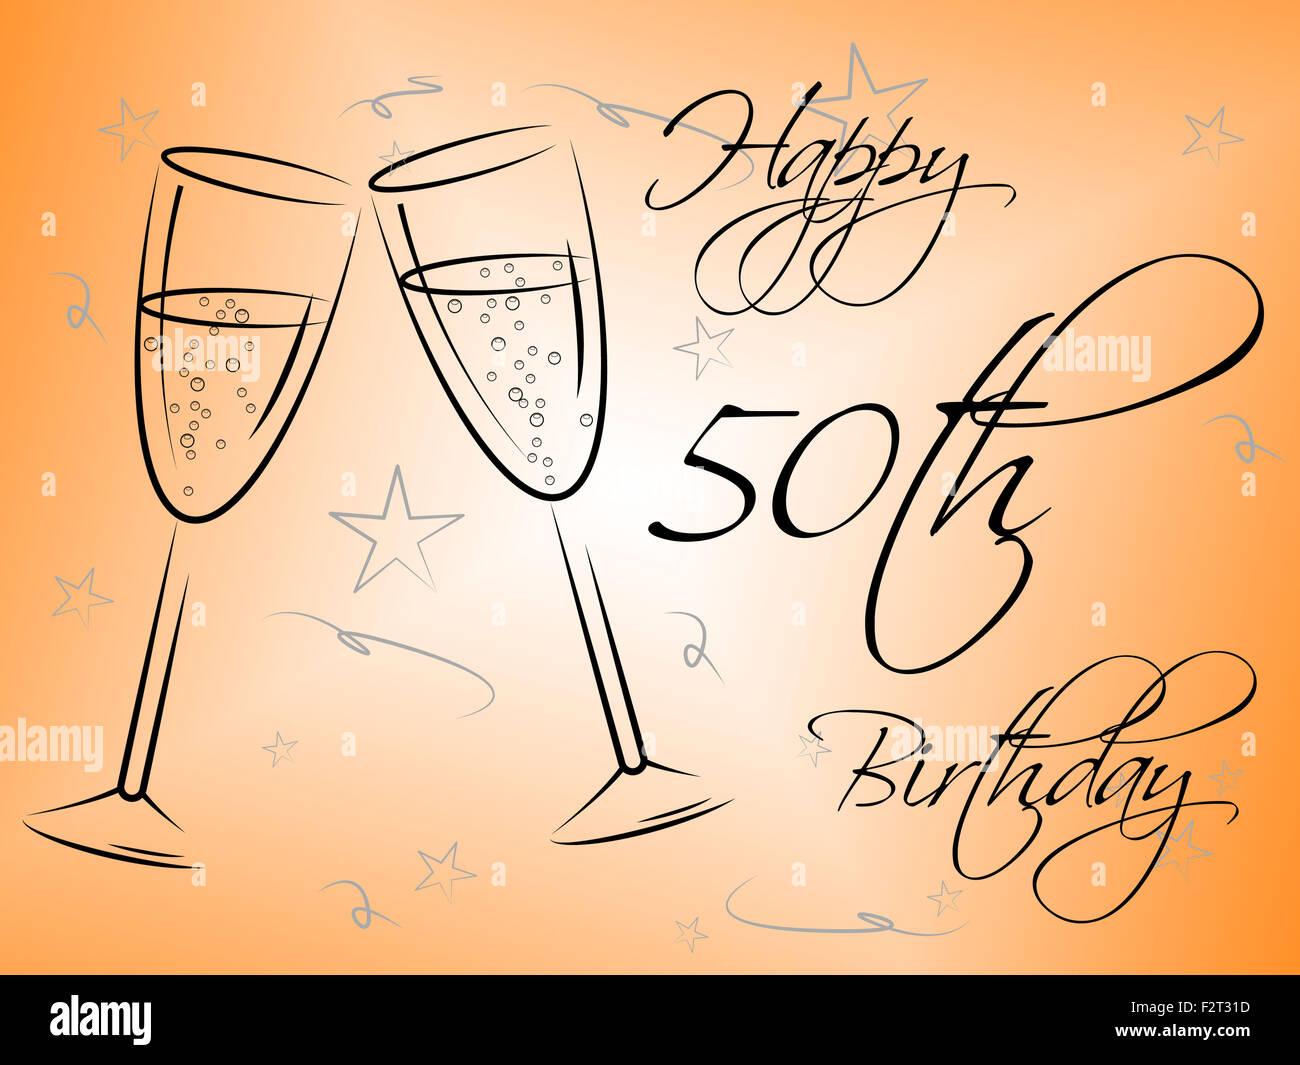 Gluckwunsche Zum 50 Geburtstag Geburtstagswunsche